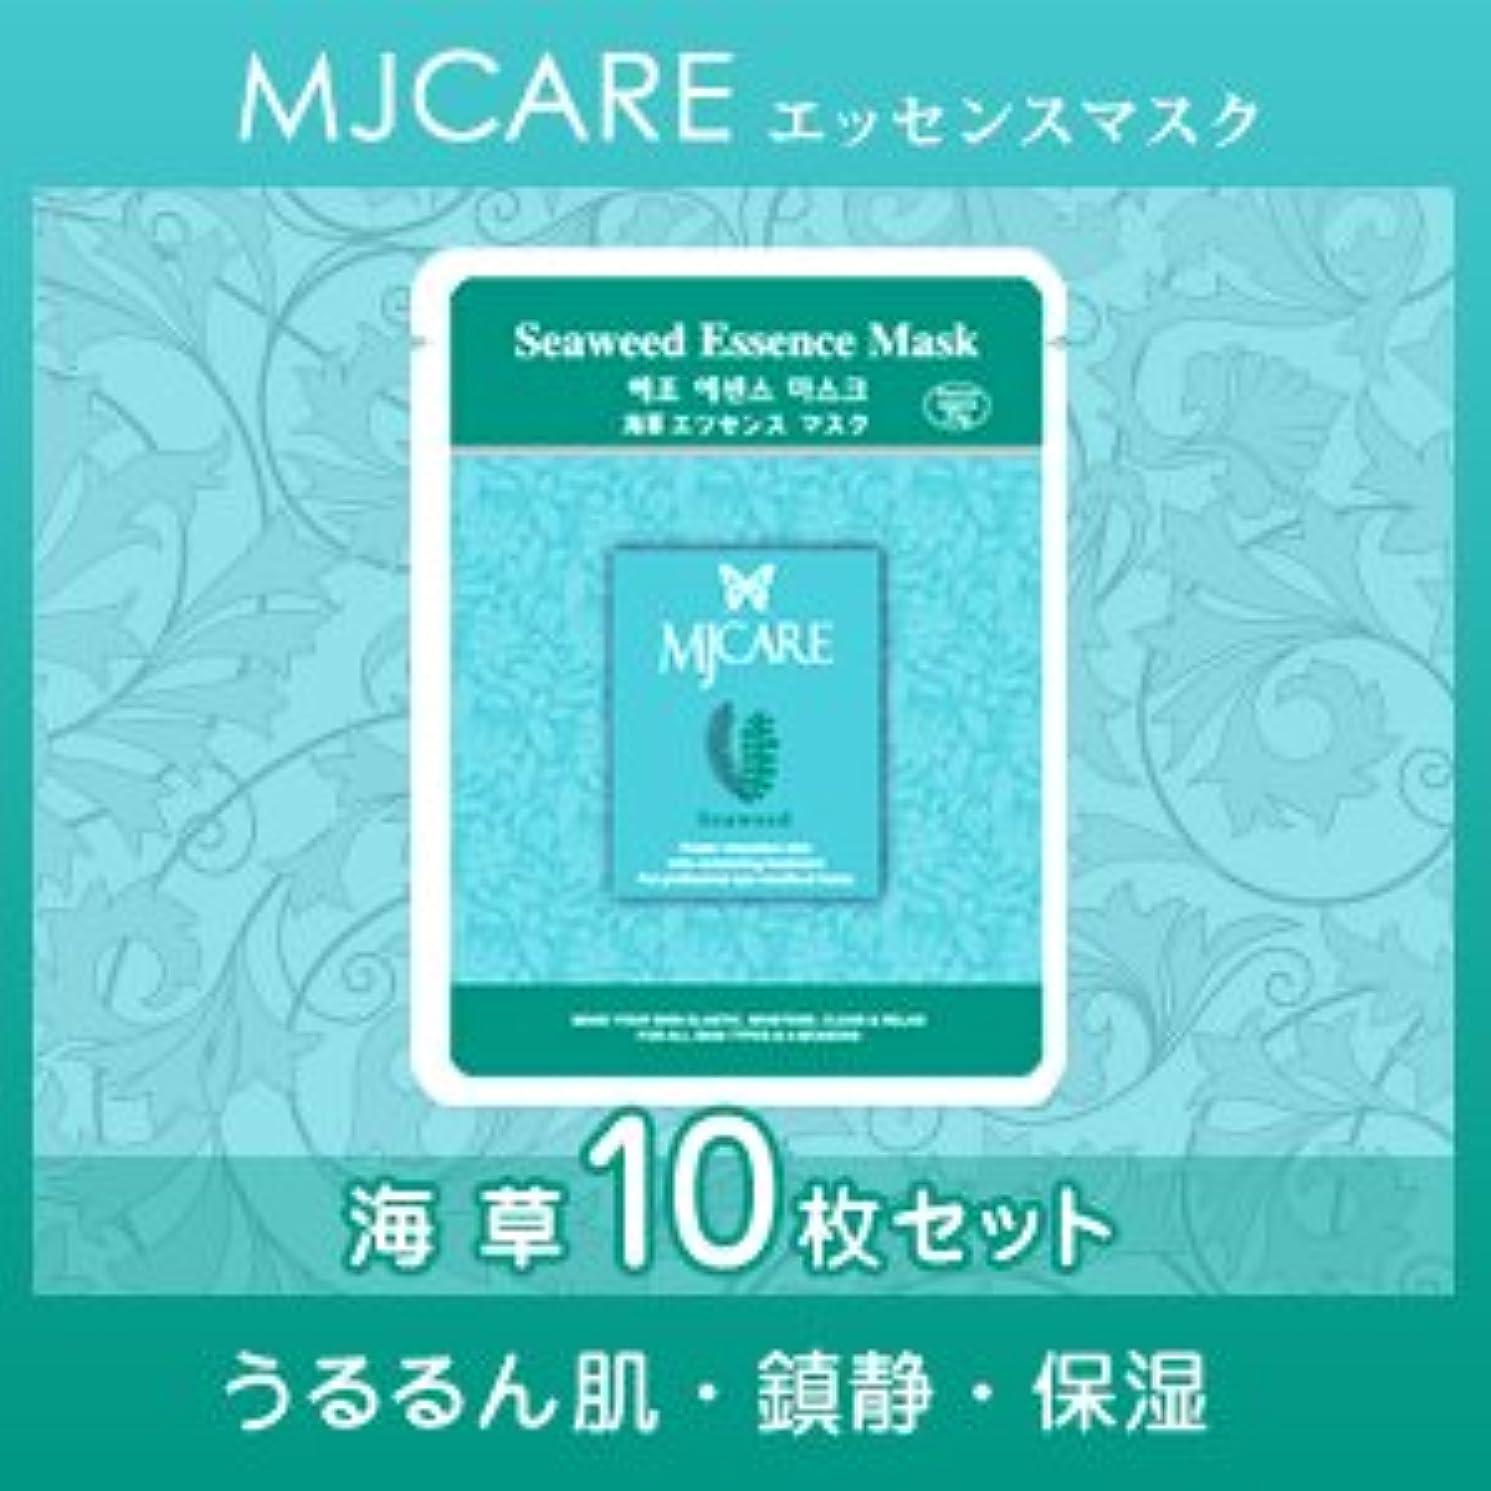 入射ハイランドフレームワークMJCARE (エムジェイケア) 海草 エッセンスマスク 10セット